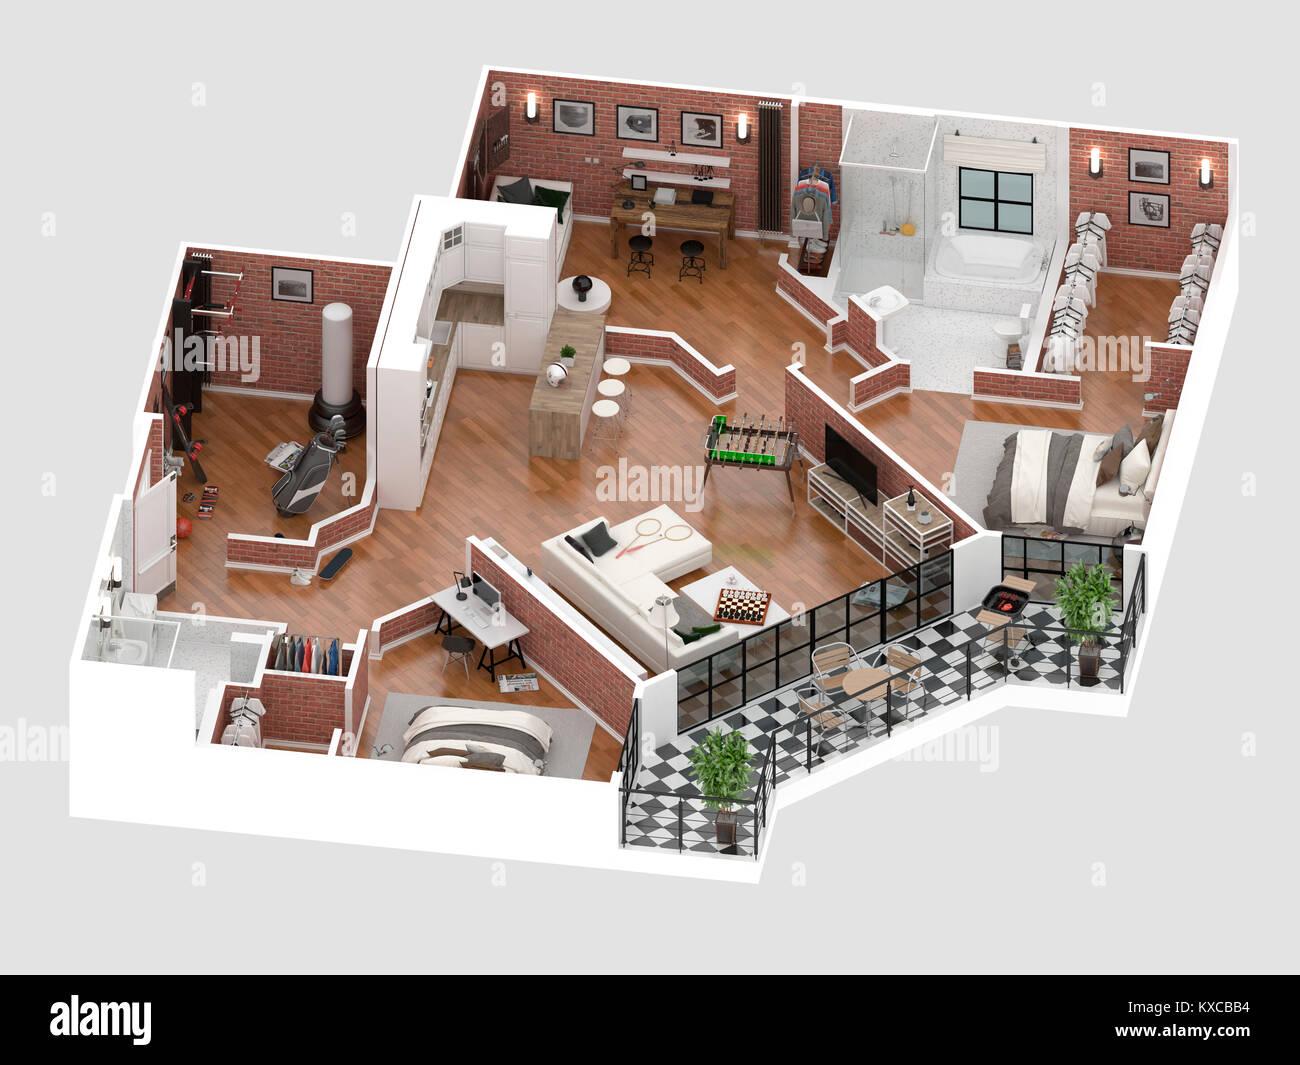 Plano de planta de una casa vista superior ilustraci n 3d concepto abierto dise o de - Diseno de casa en 3d ...